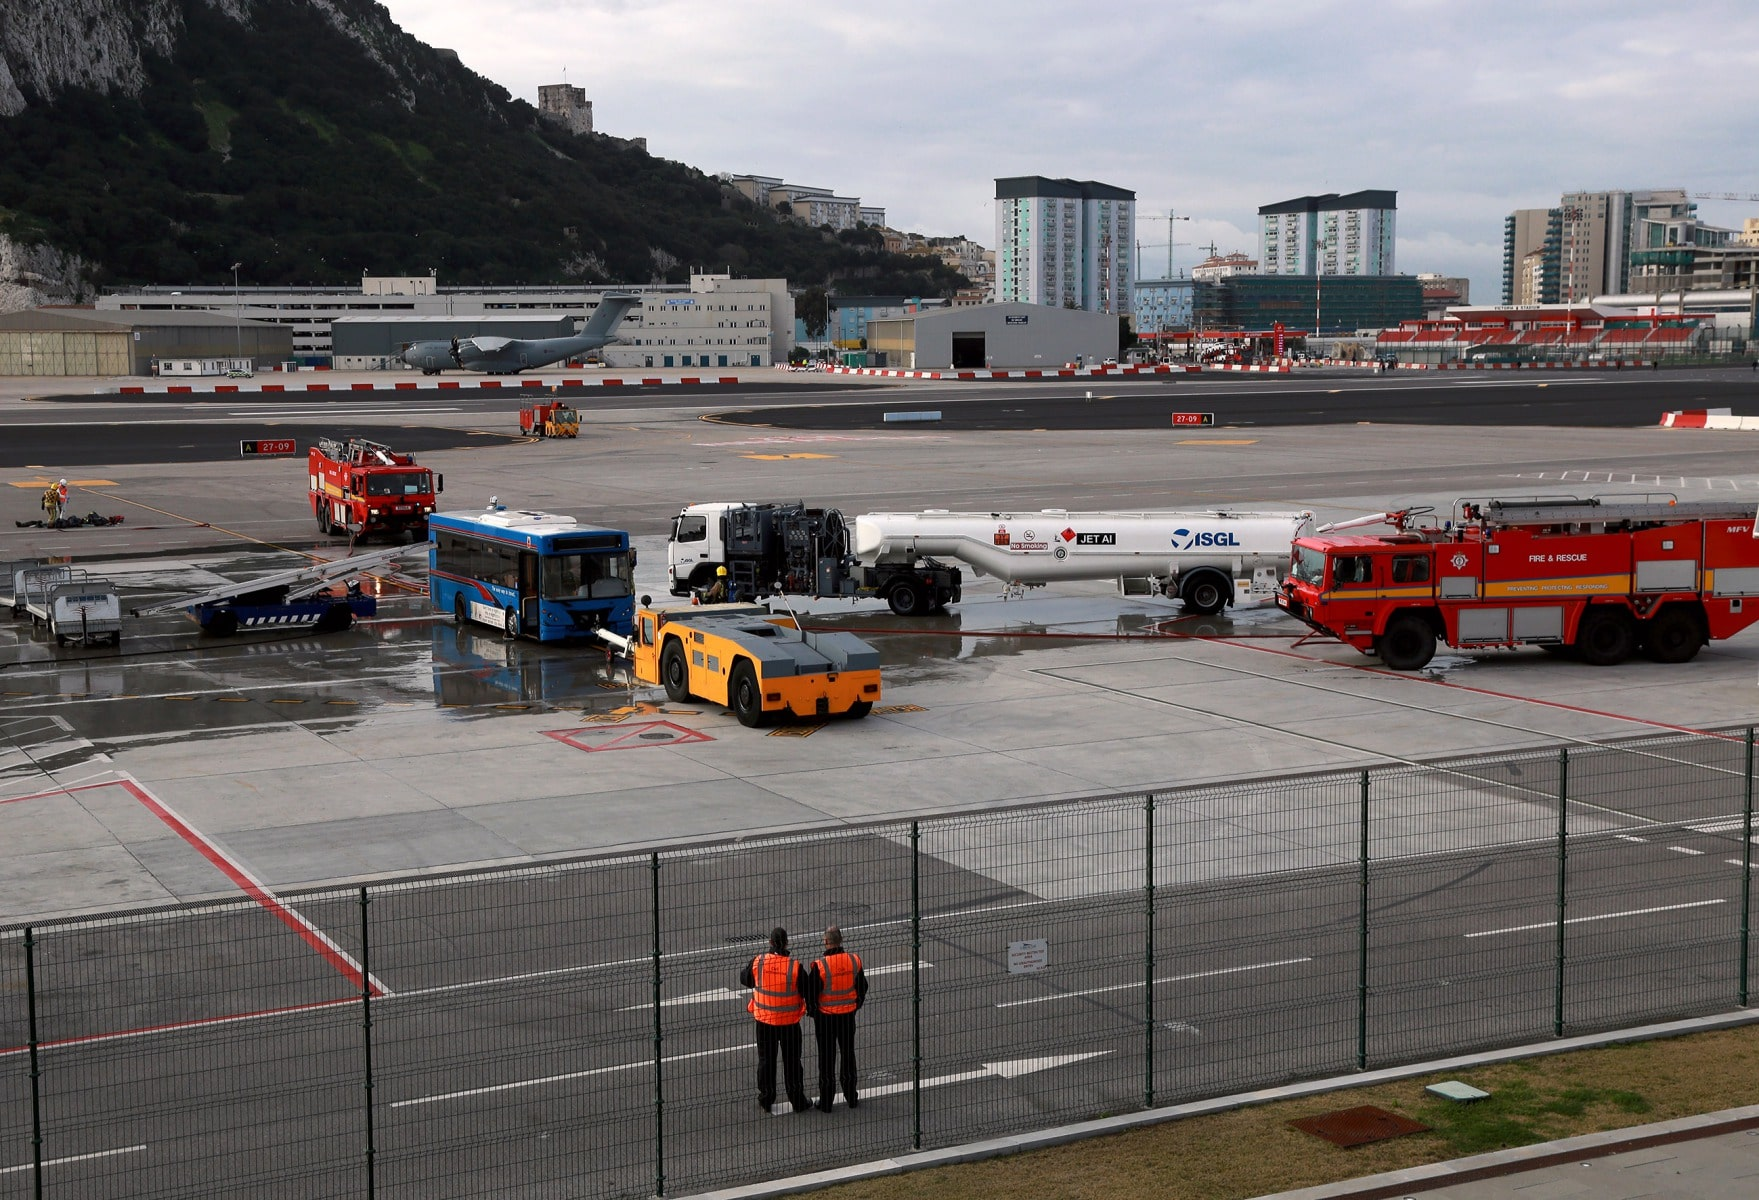 09-feb-2016-simulacro-de-incidente-en-el-aeropuerto-de-gibraltar_24619510400_o